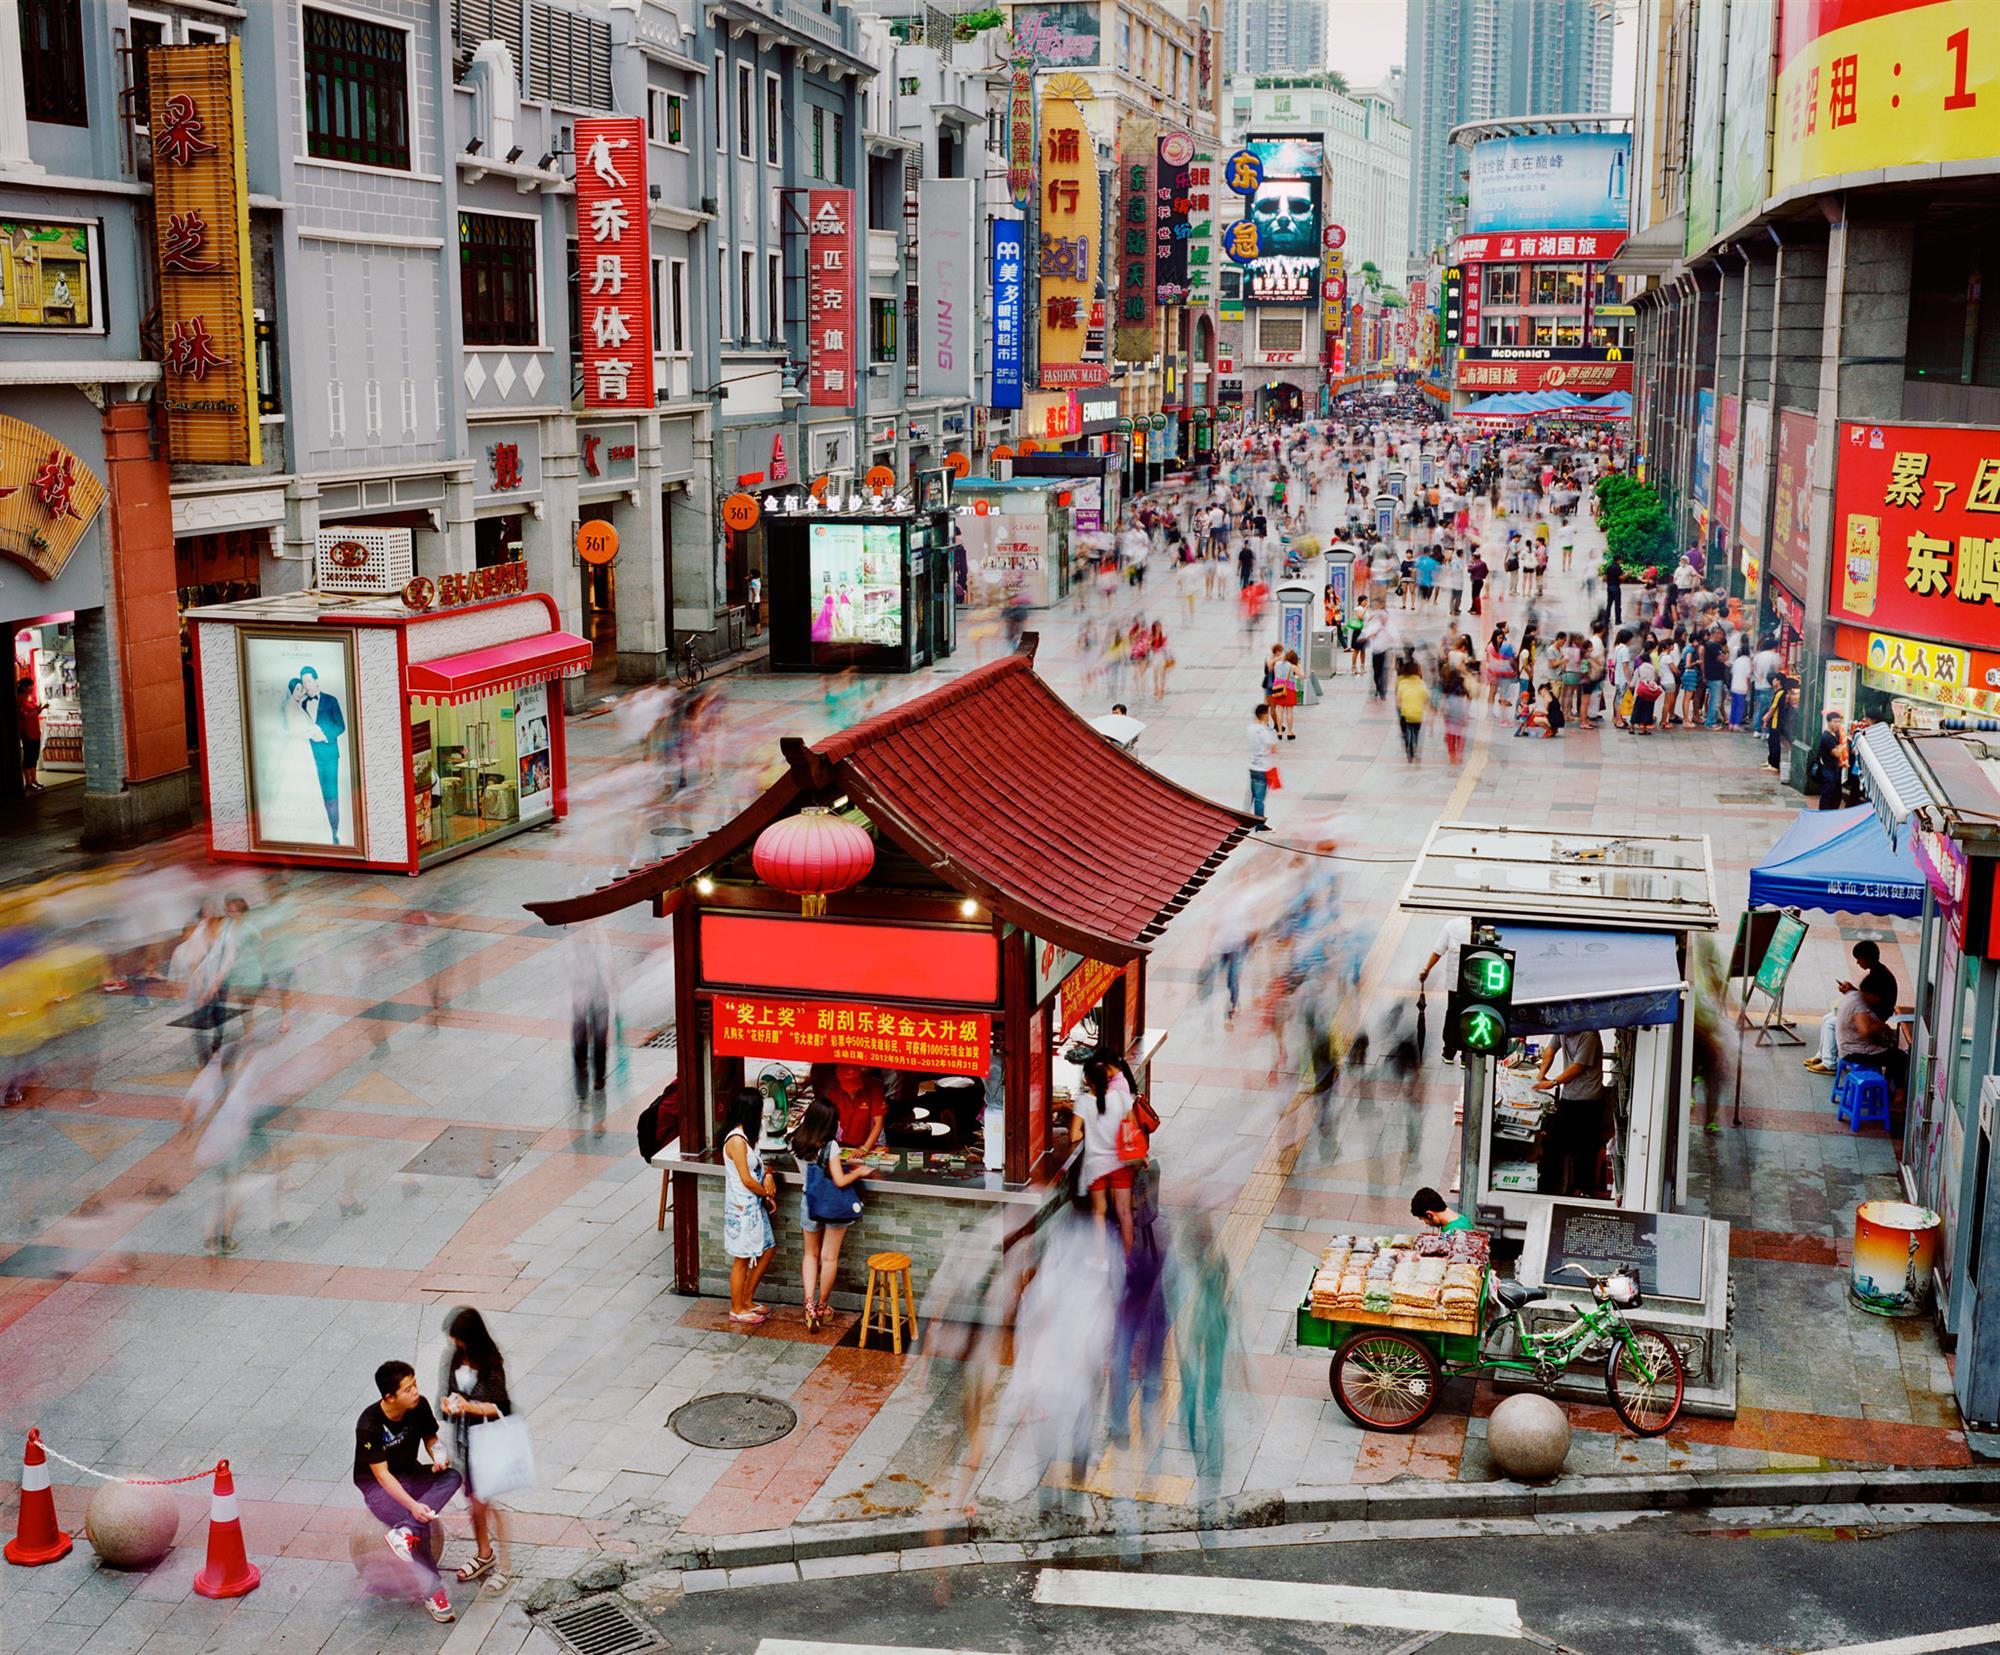 STOCK Guangzhou31152012. Guangzhou, China